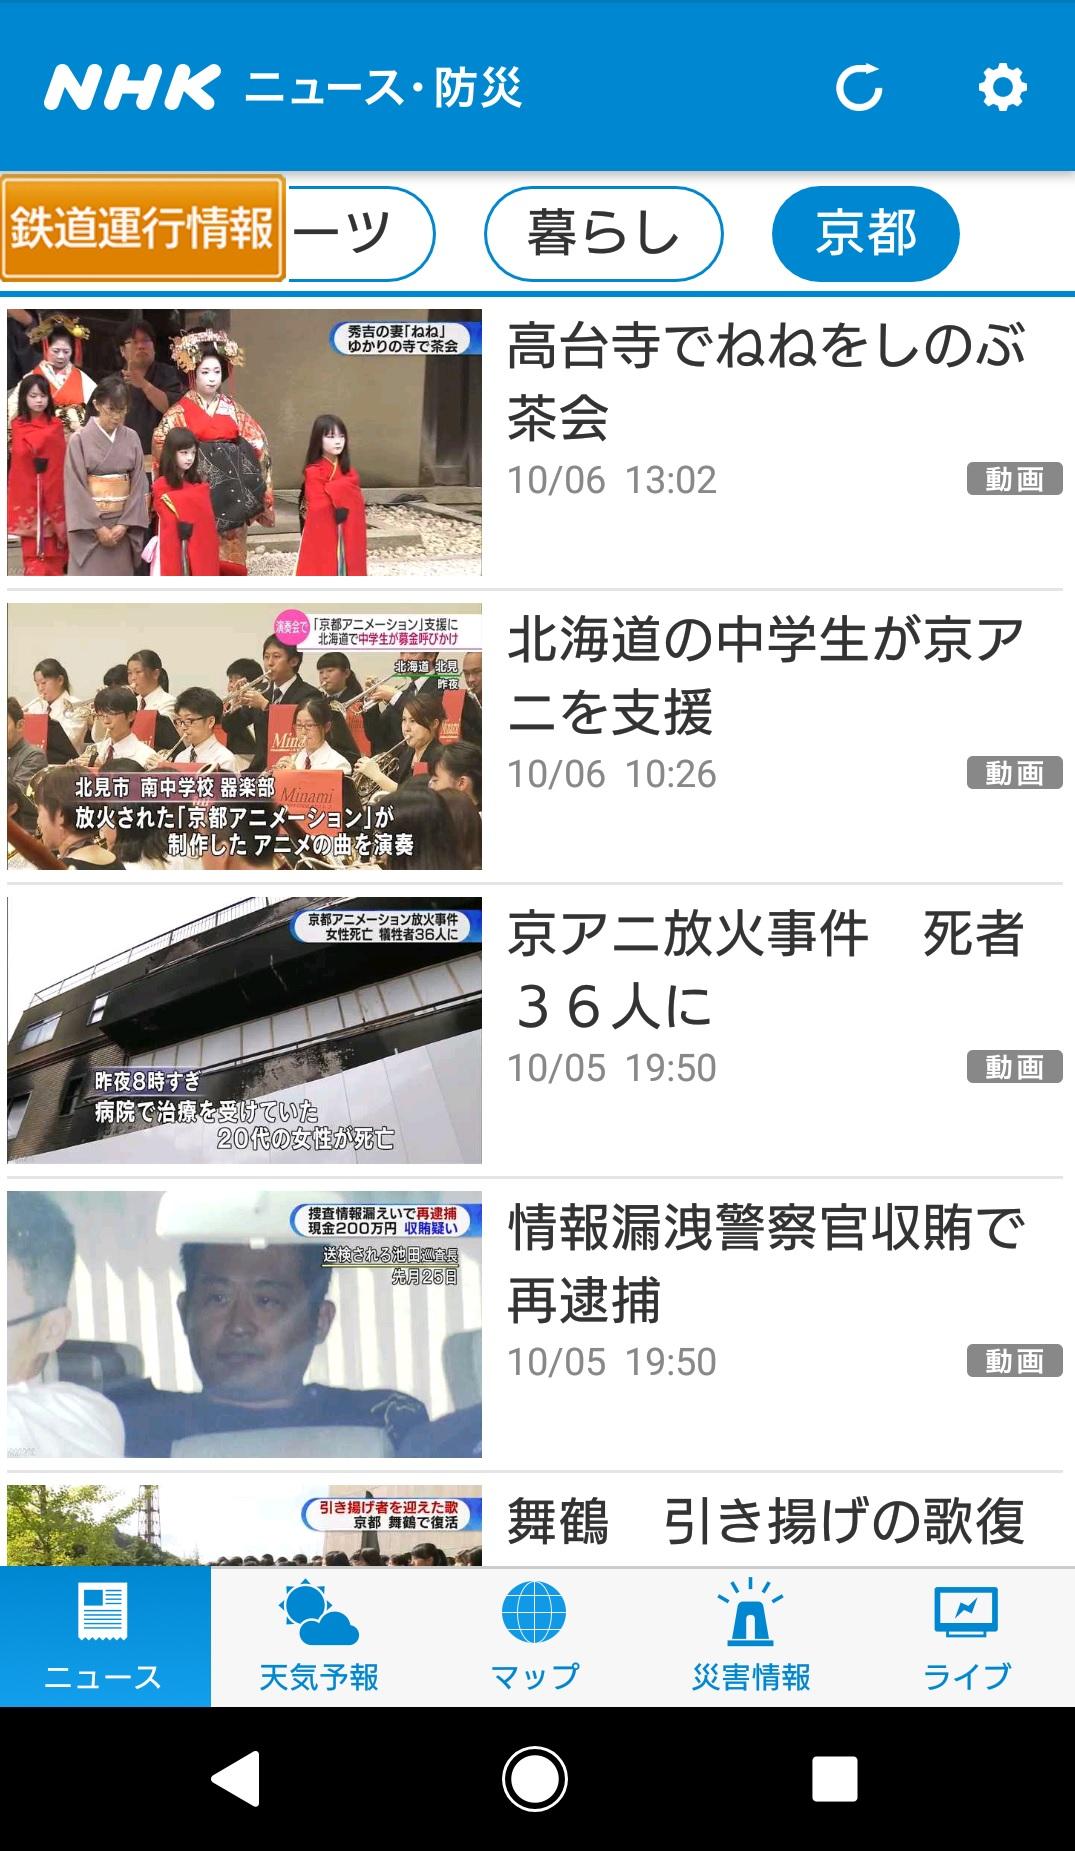 NHK-6.jpg